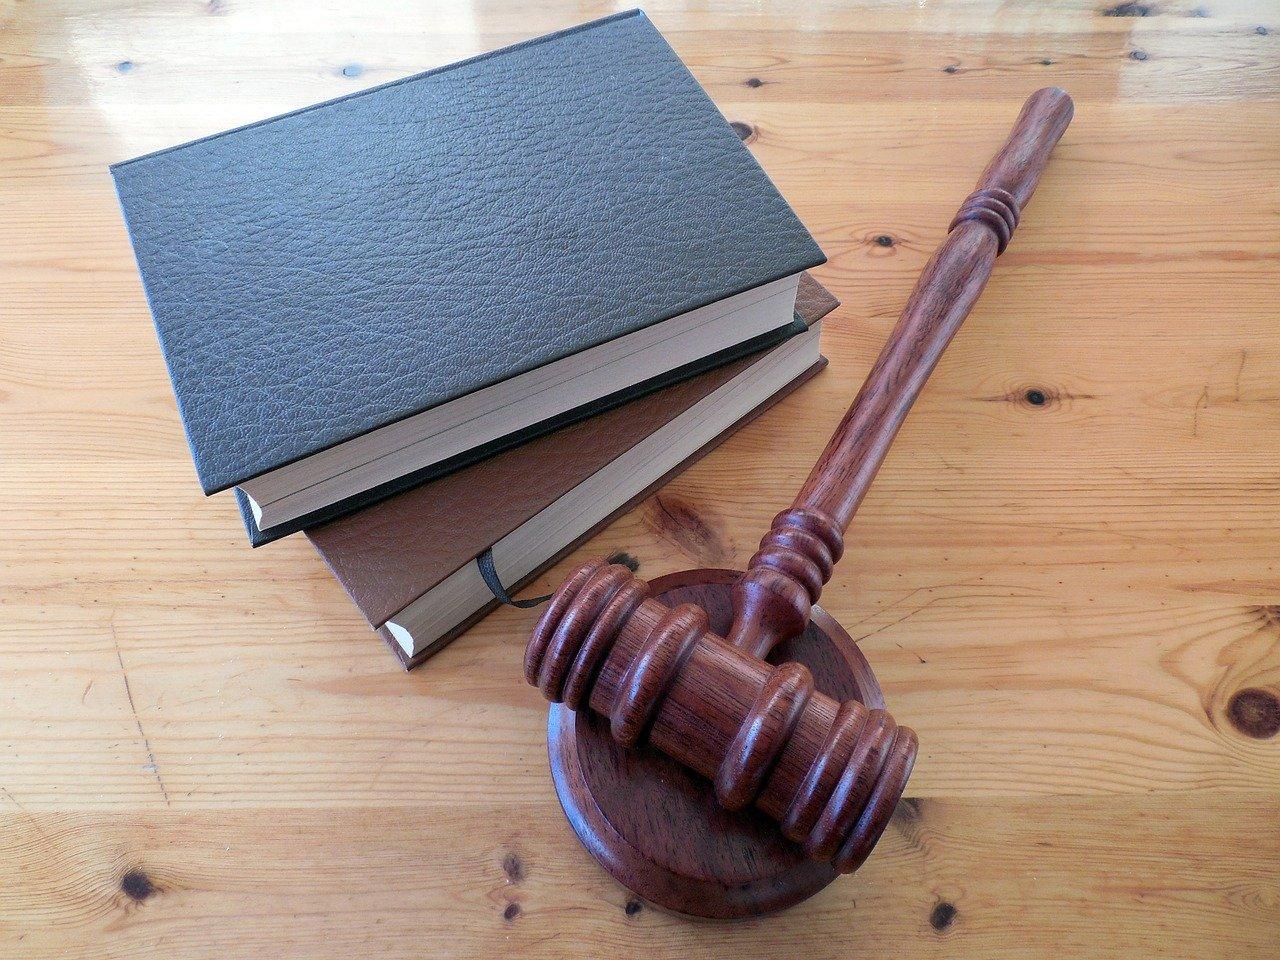 """יו""""ר """"נכה לא חצי בן אדם"""" : """"חוק הנכים אינו רק עניין מוסרי וערכי, אלא גם חובה משפטית""""."""